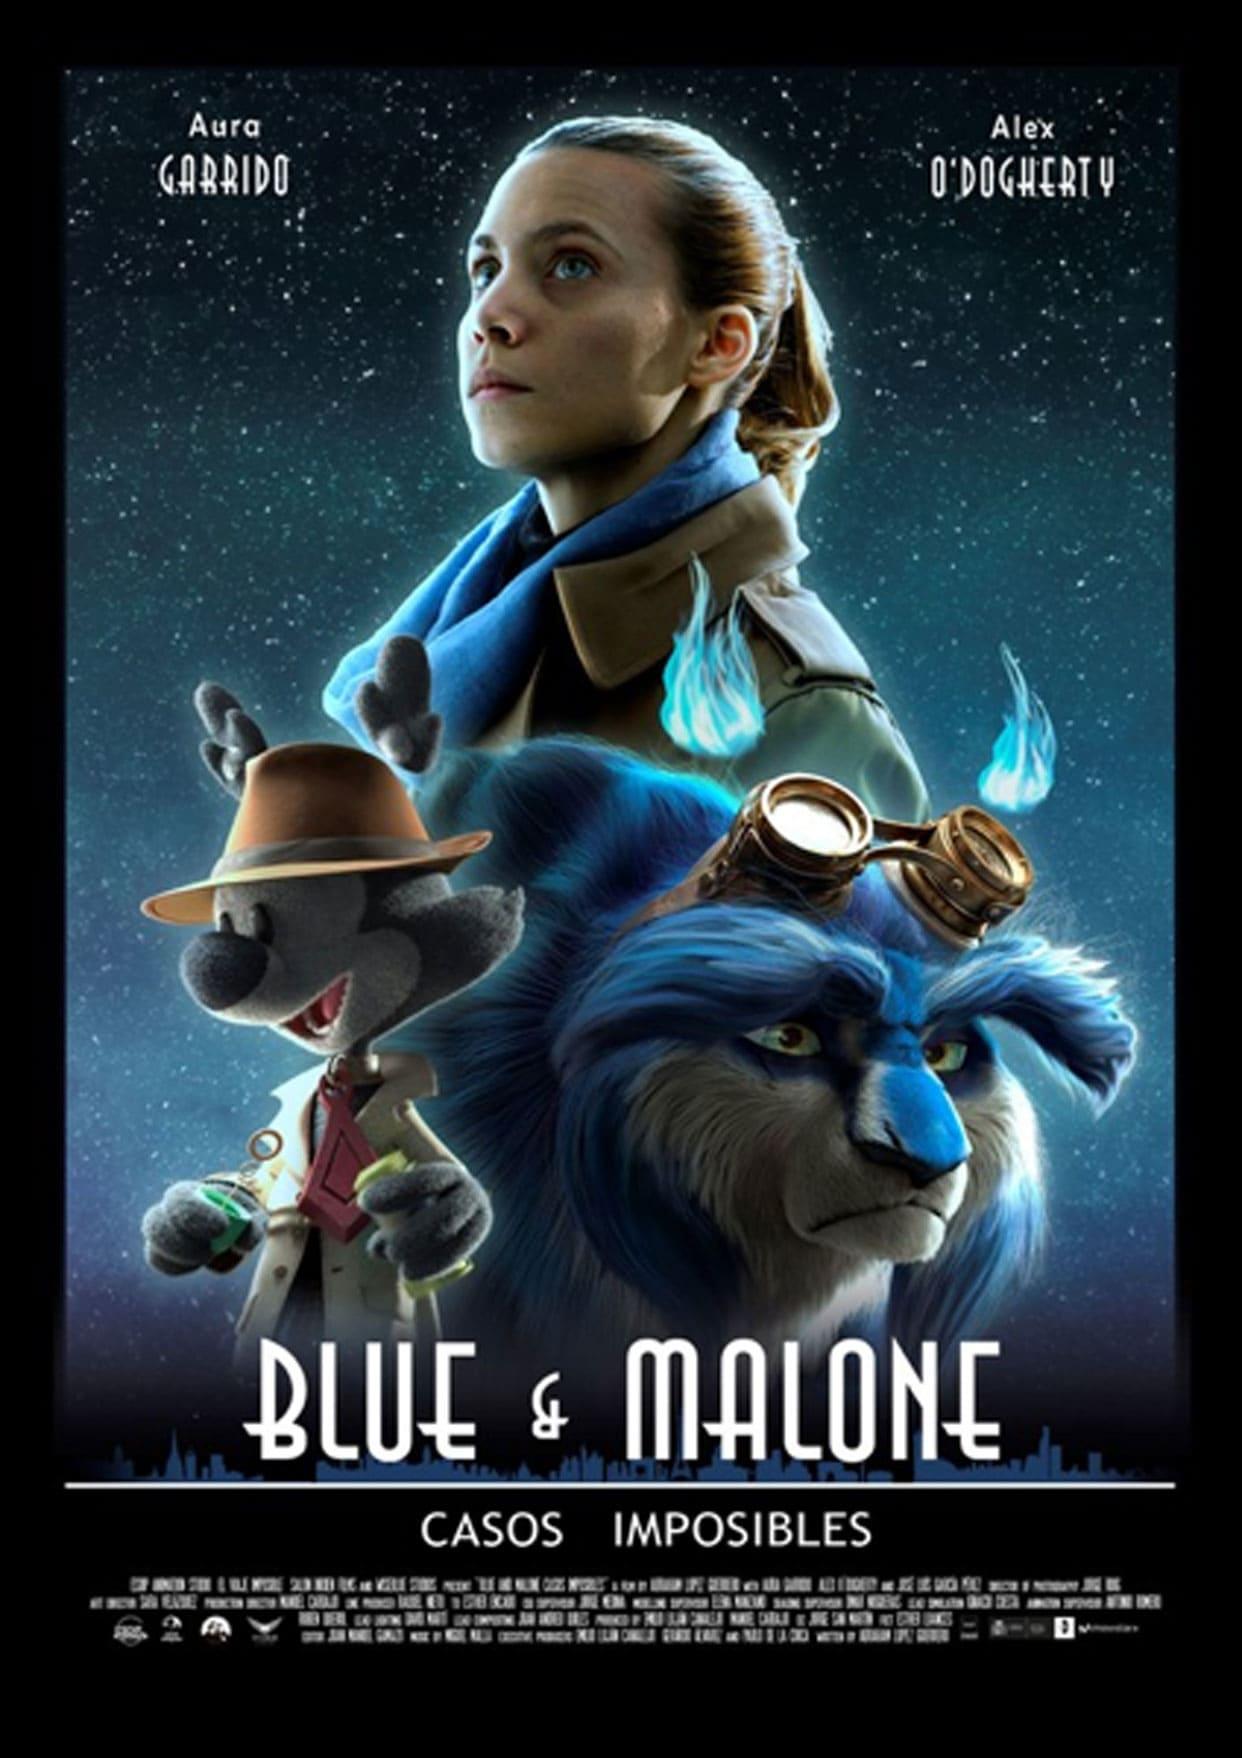 BLUE-&-MALONE - CASOS-IMPOSIBLES-Abraham-Lopez